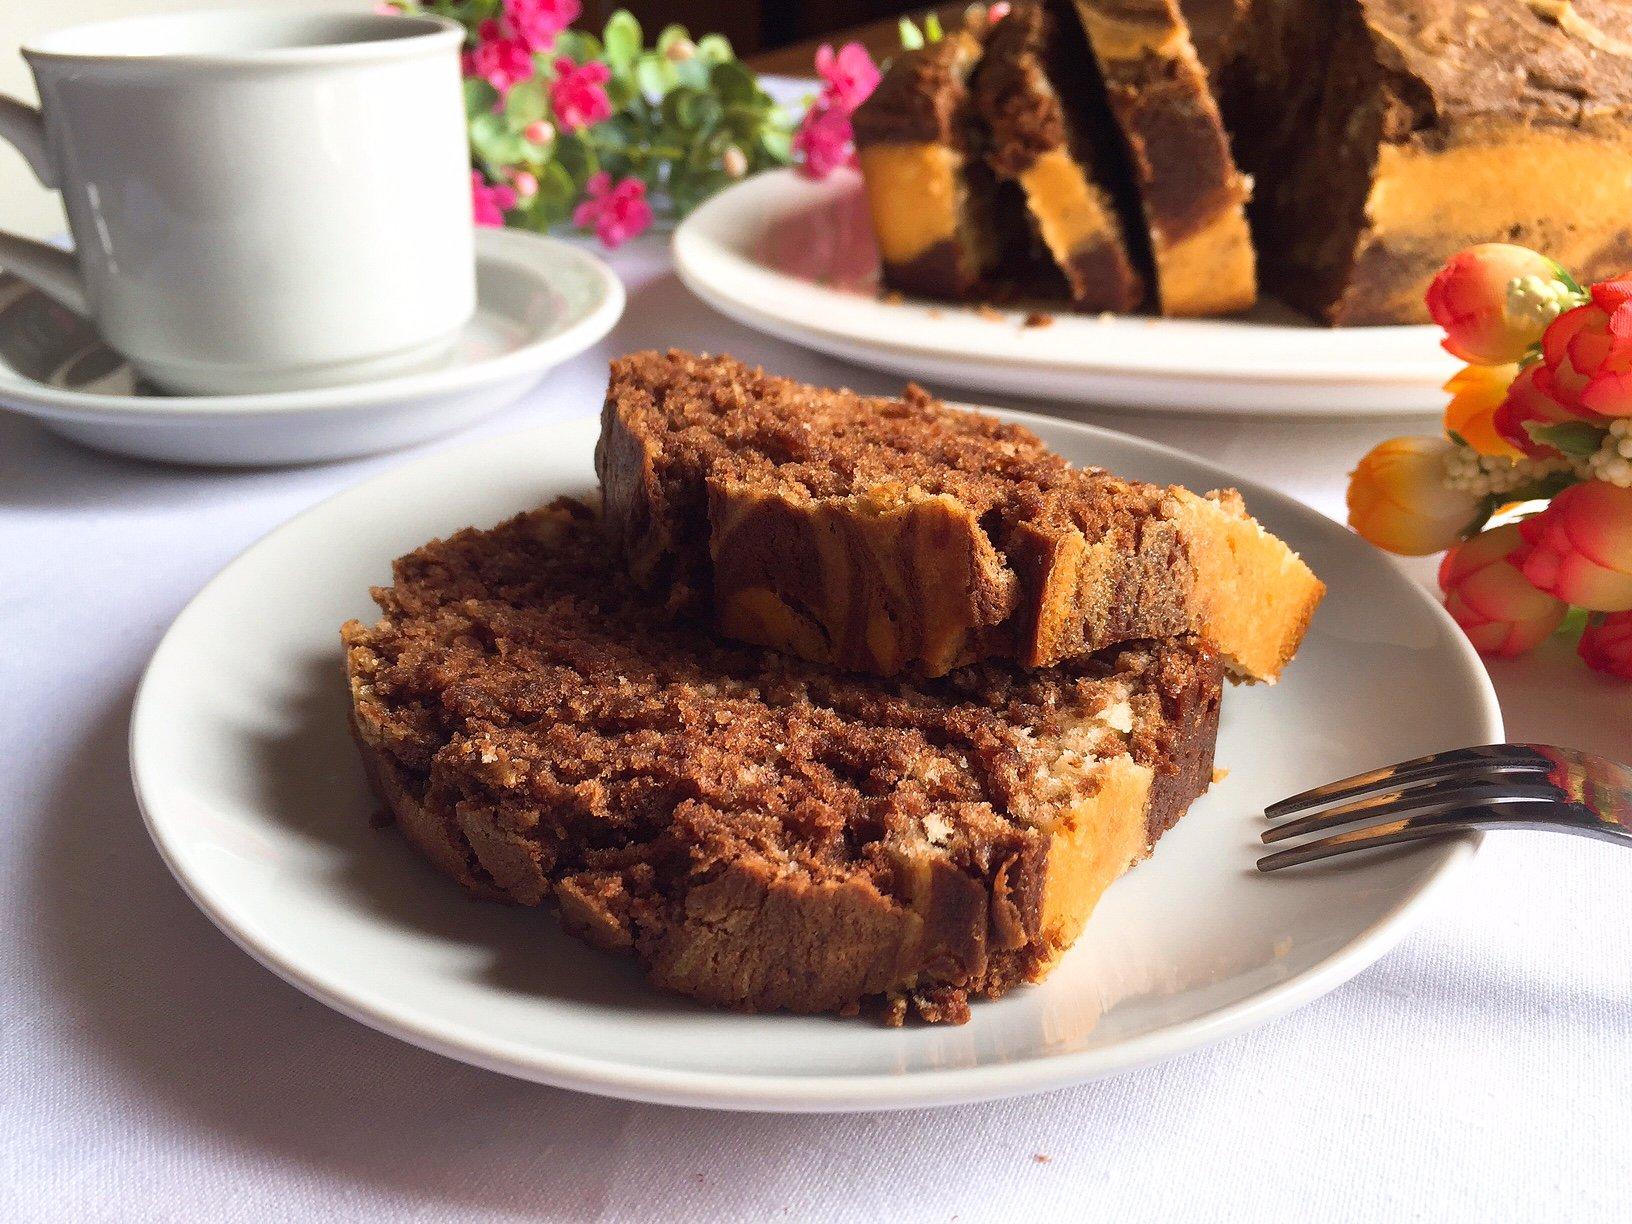 Resep cara membuat kue bolu panggang agar mengembang